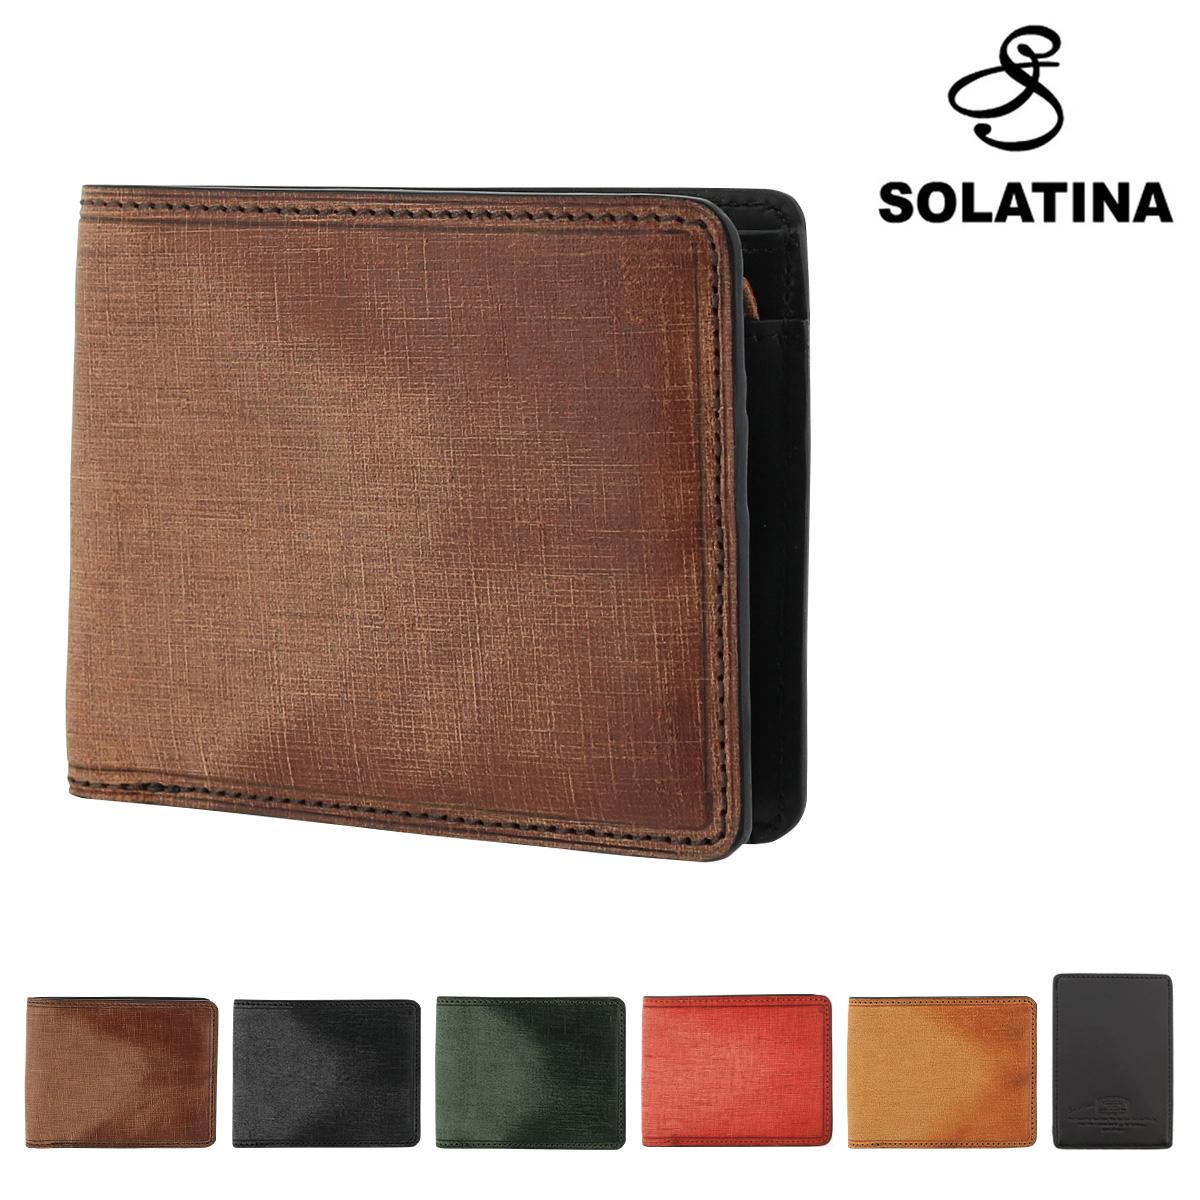 ソラチナ 二つ折り財布 バベル メンズ SW-70013 SOLATINA | 本革 イタリアンレザー カーフ パスケース付 [bef][PO10]